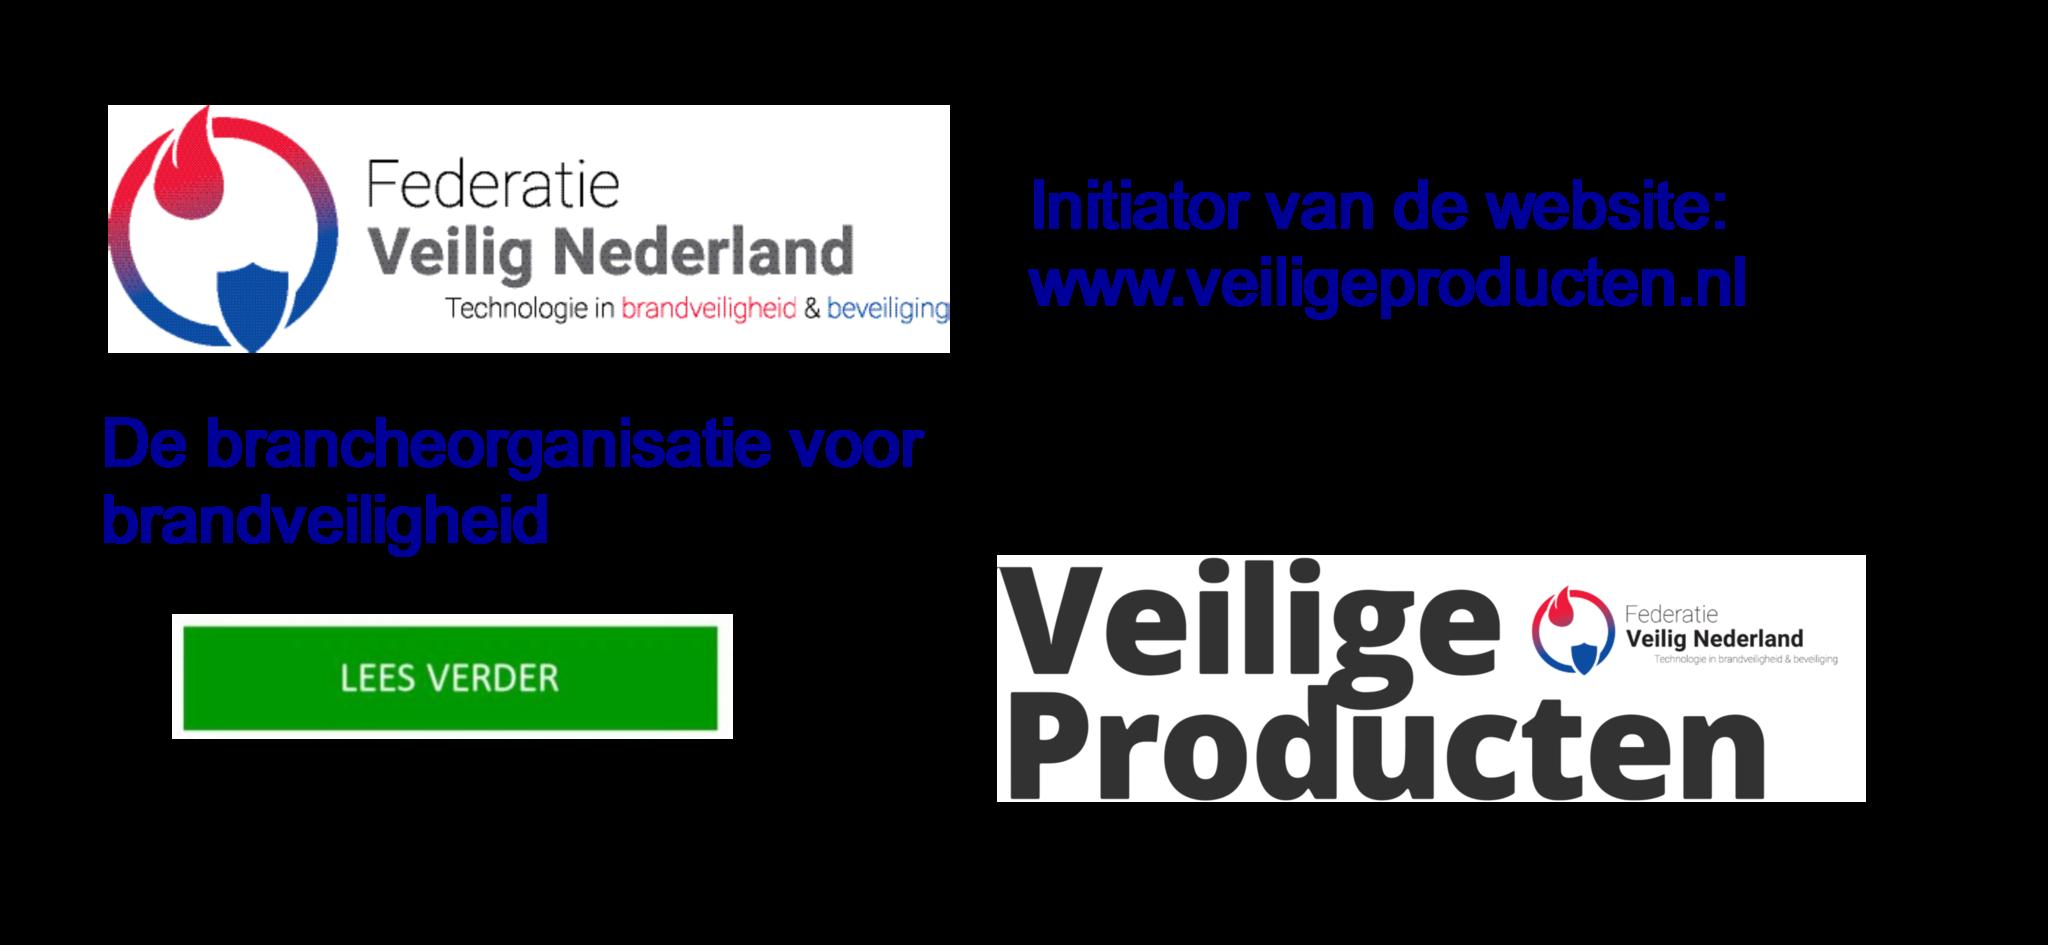 Veiligeproducten.nl